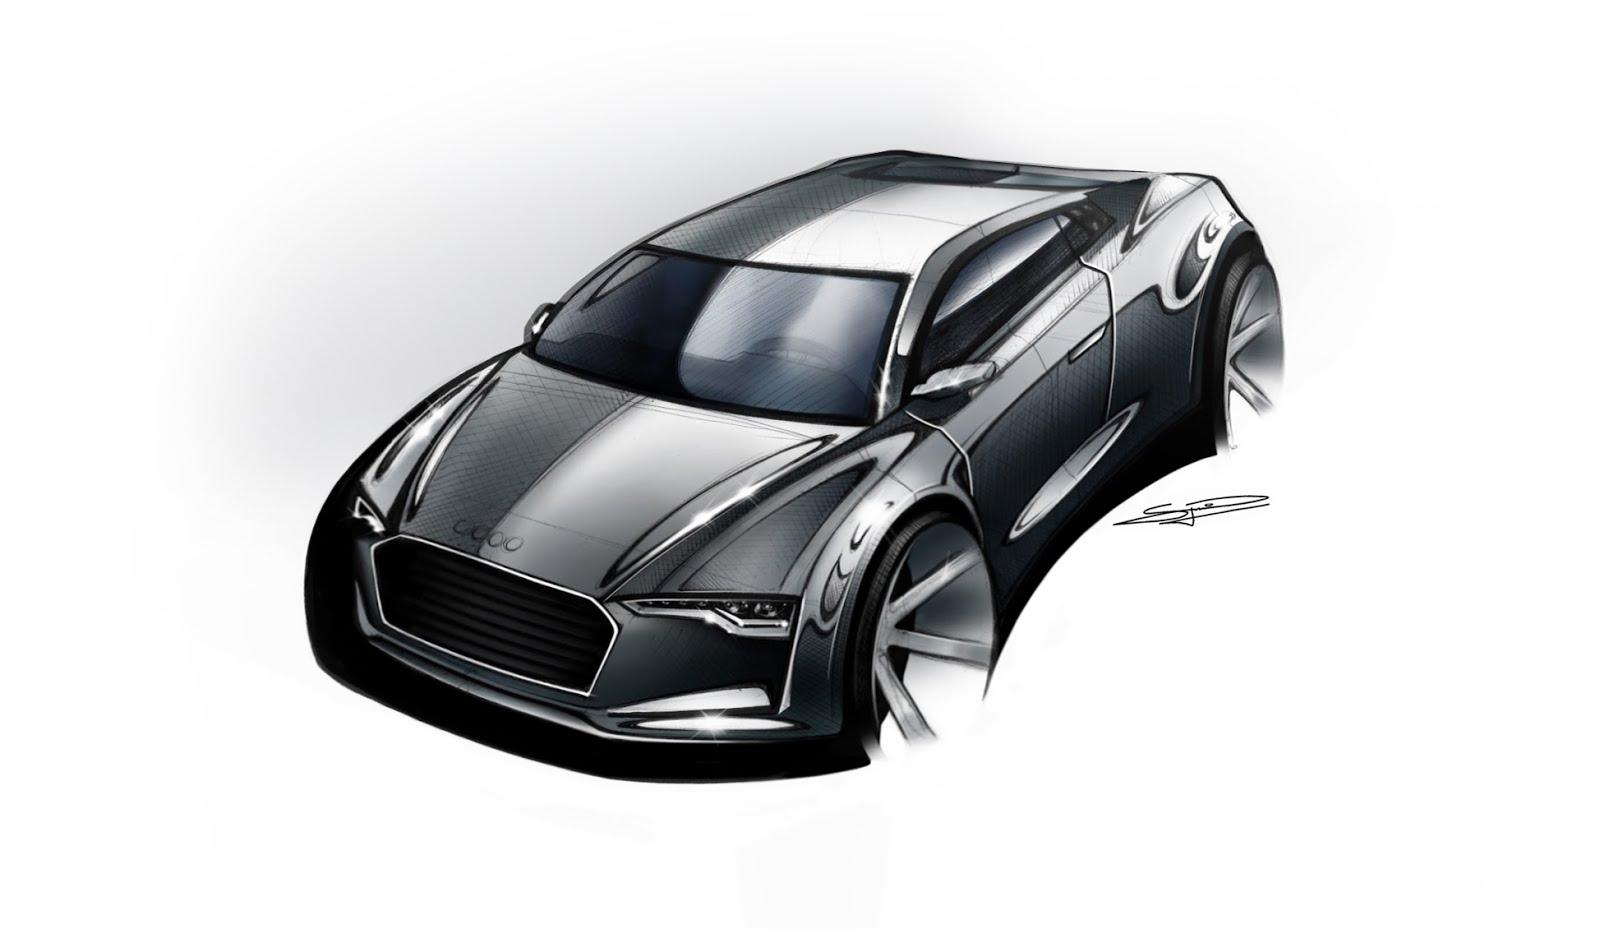 Audi Sketch Rendering